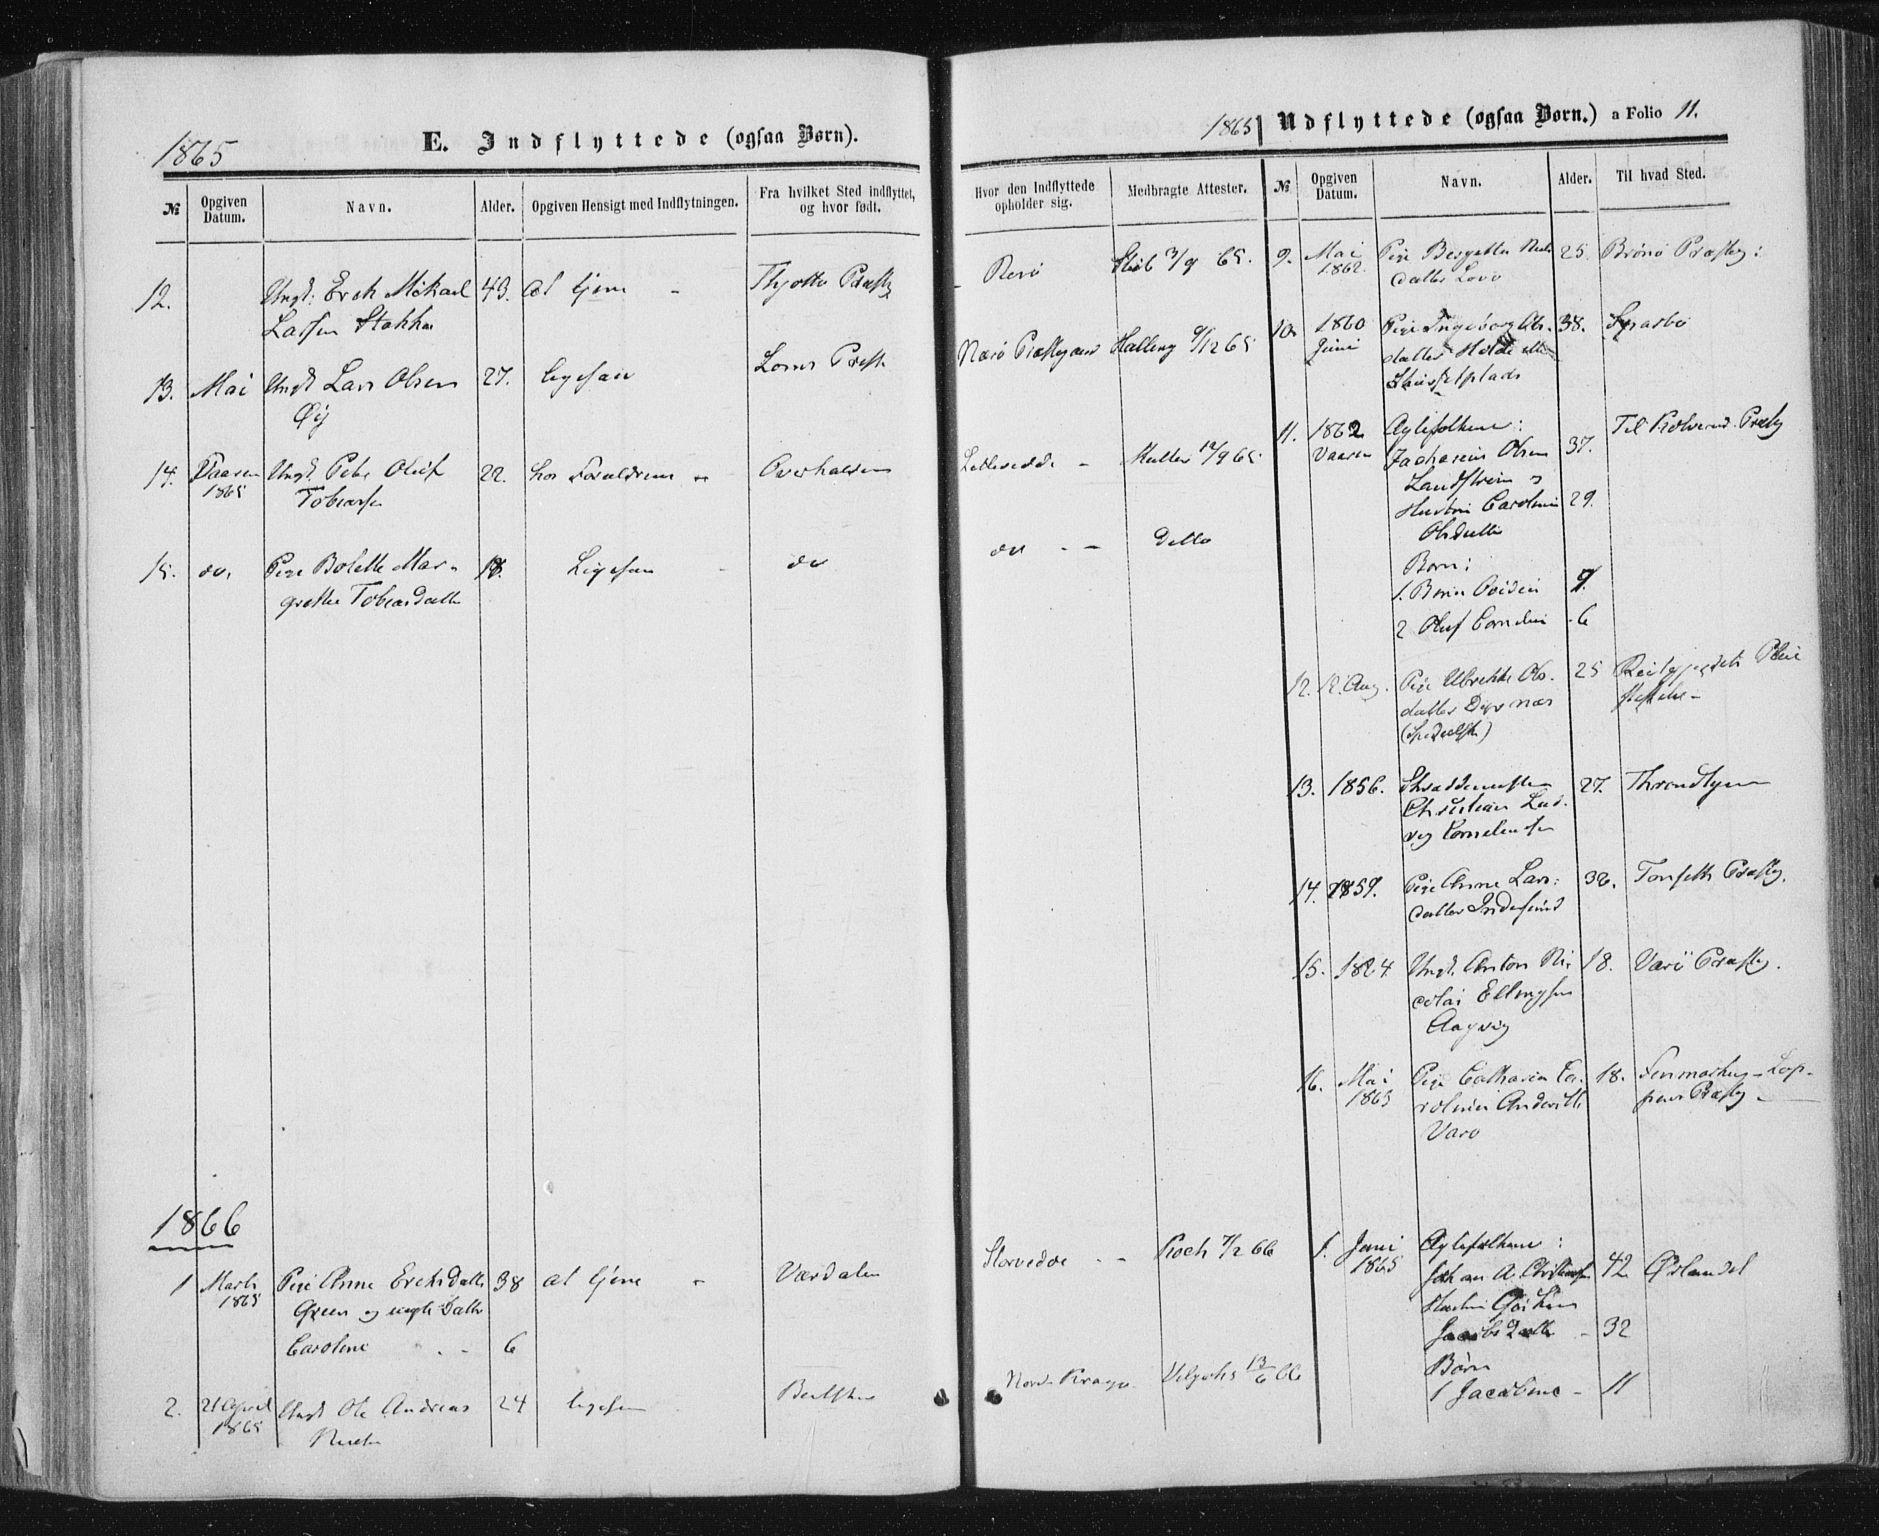 SAT, Ministerialprotokoller, klokkerbøker og fødselsregistre - Nord-Trøndelag, 784/L0670: Ministerialbok nr. 784A05, 1860-1876, s. 11